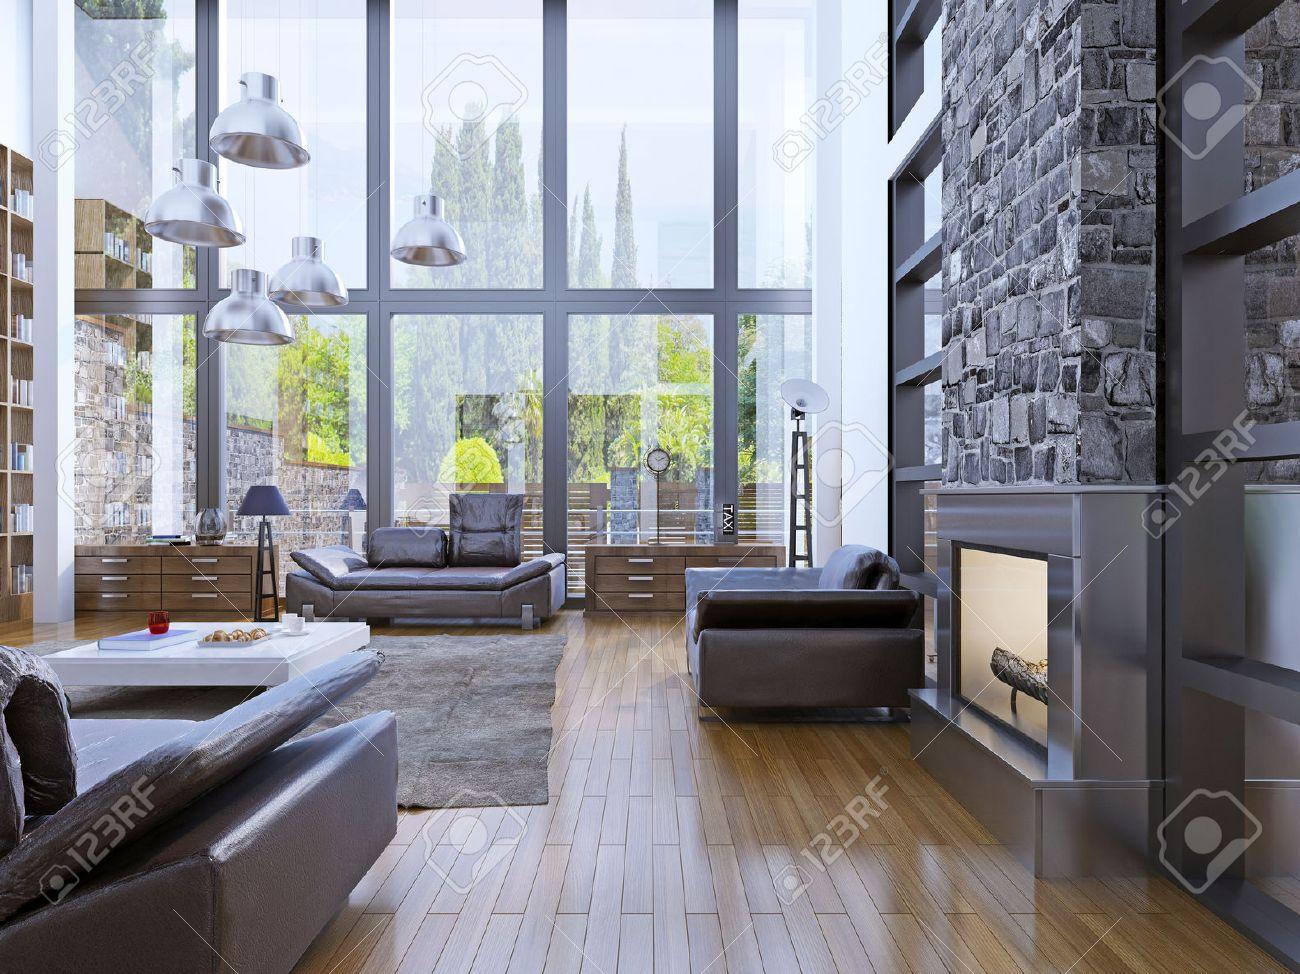 Loft appartement interieur met panoramisch raam. woonkamer met ...